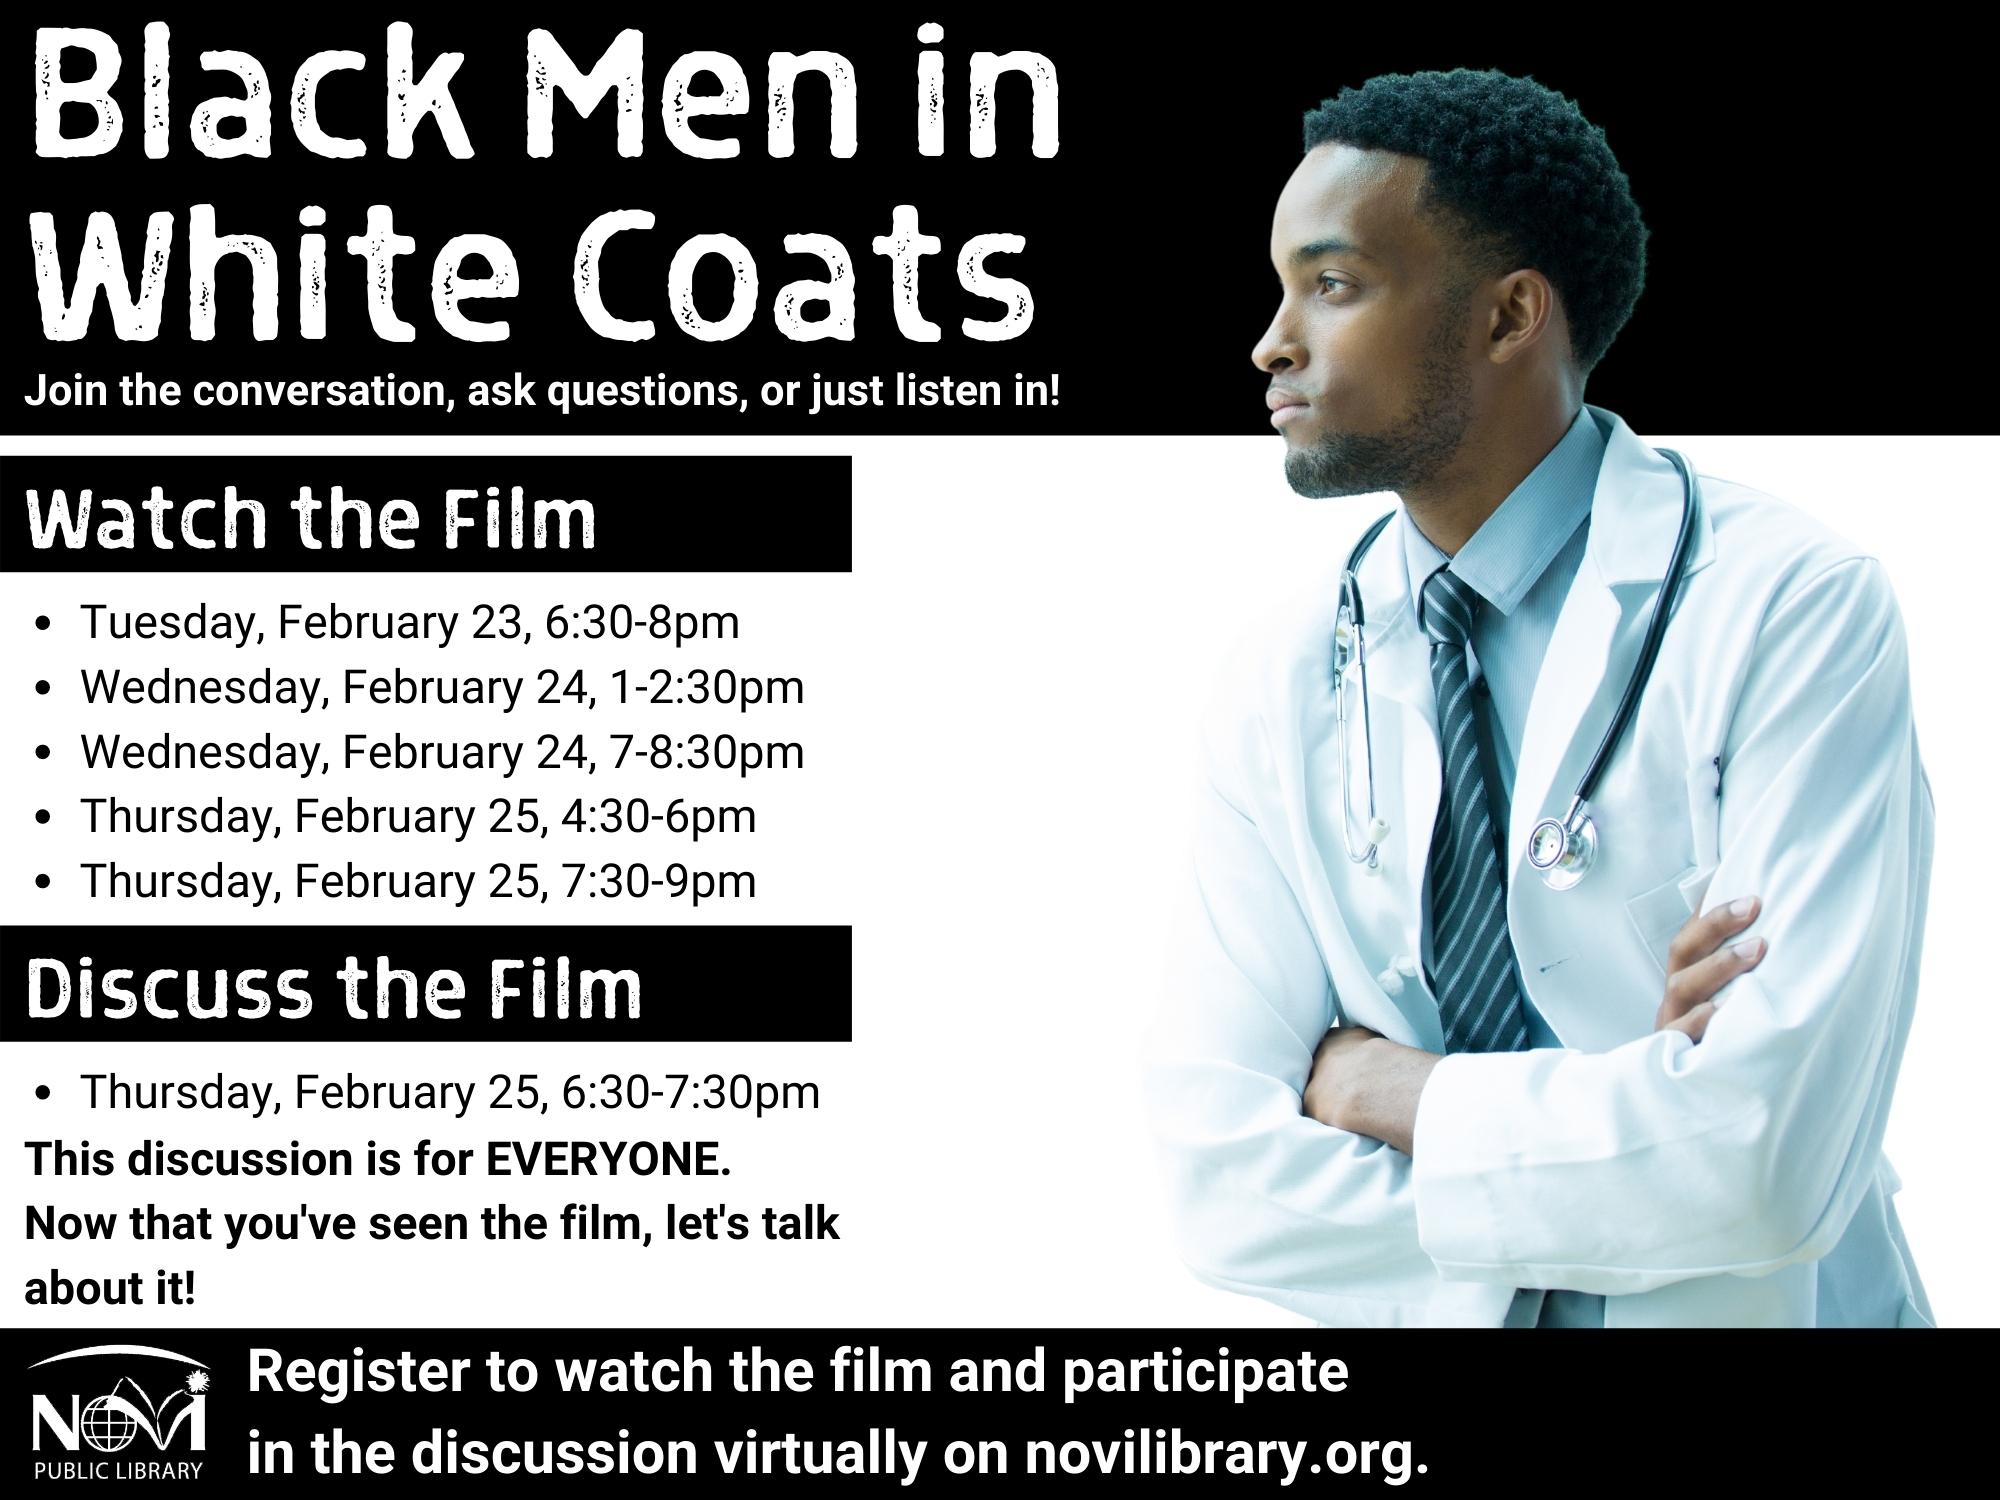 Black Men in White Coats Film